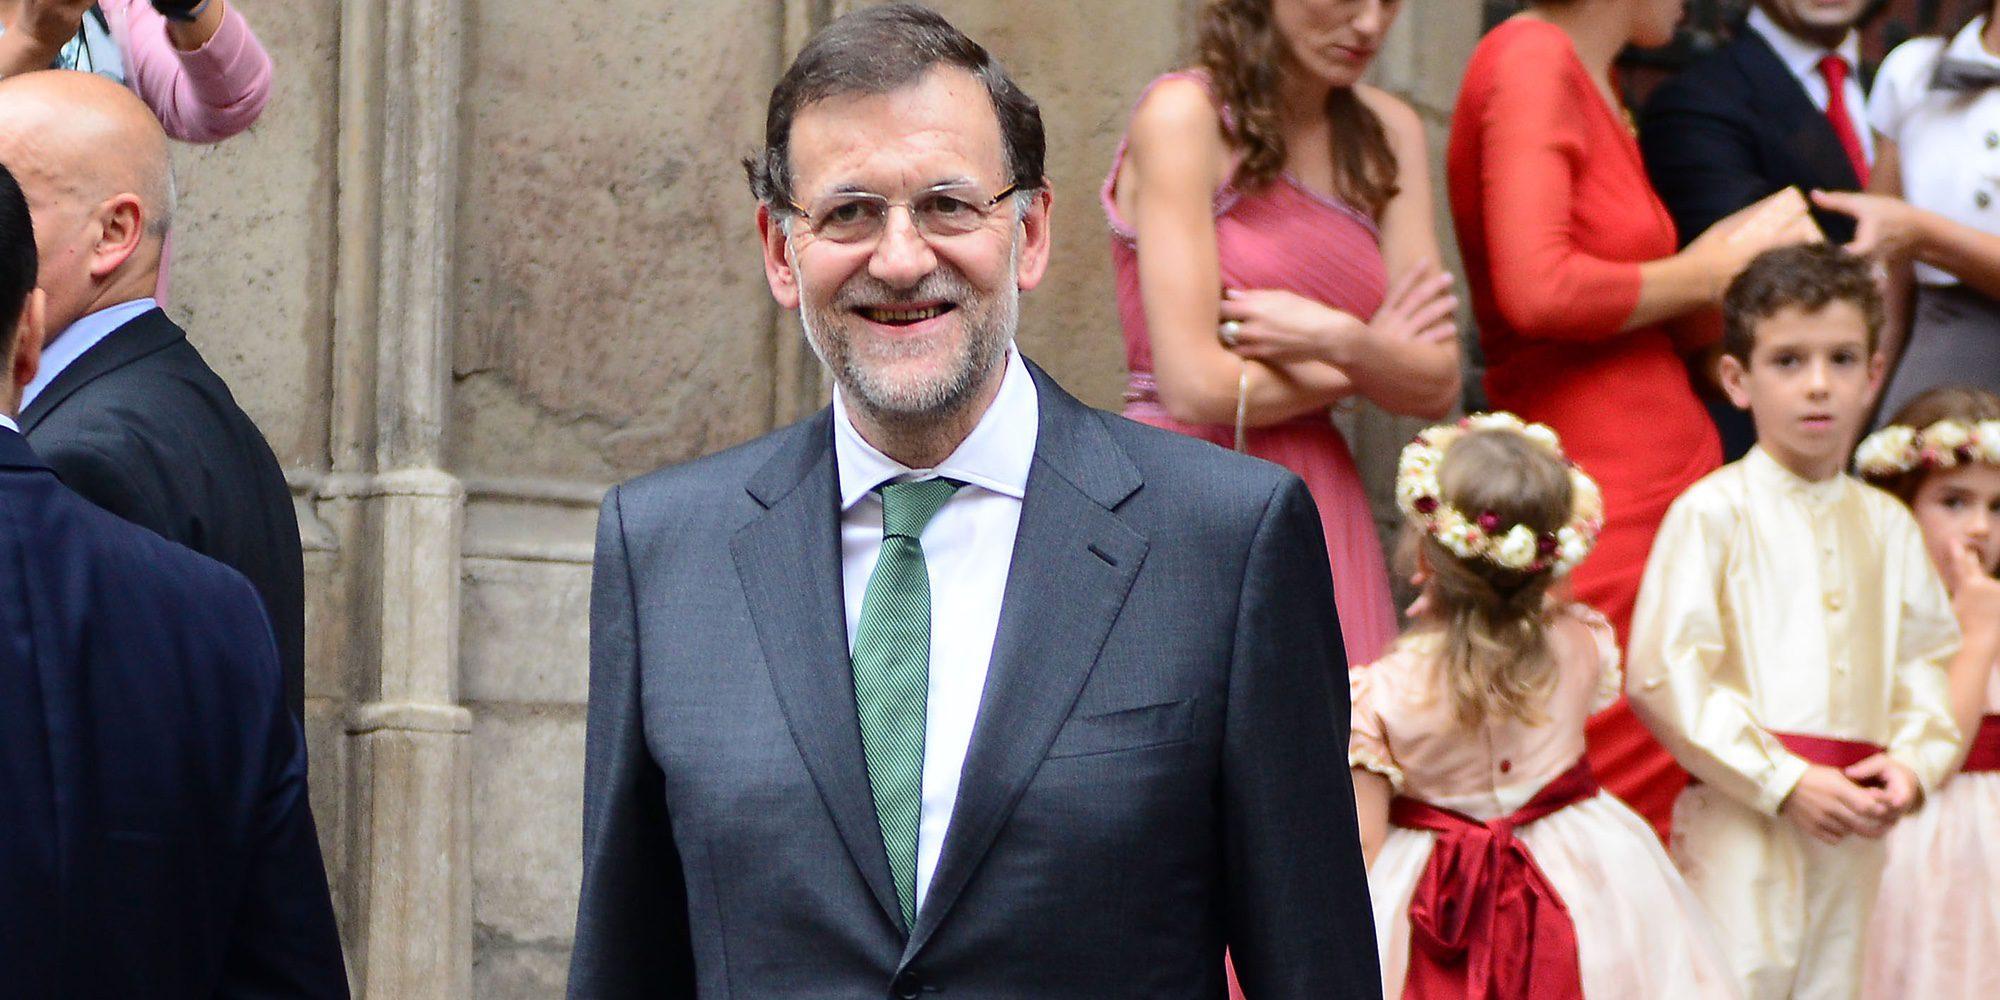 Mariano Rajoy lo da todo bailando al son de 'Mi gran noche' de Raphael en una boda